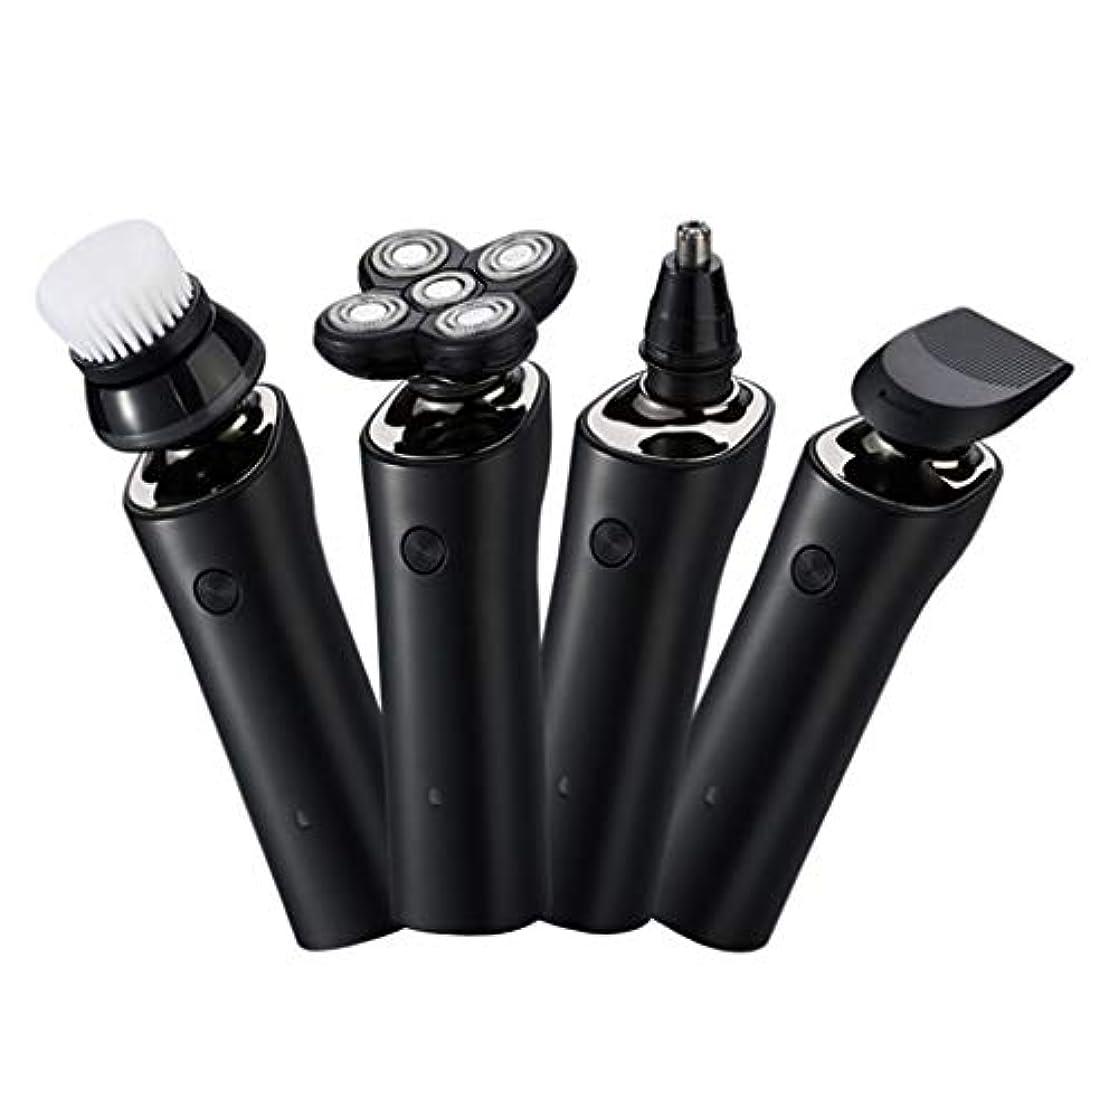 空いている早めるロープ多機能フォーインワン電気シェーバー、男性用充電式コードレス鼻毛/ホーン/ひげトリマー、ギフト